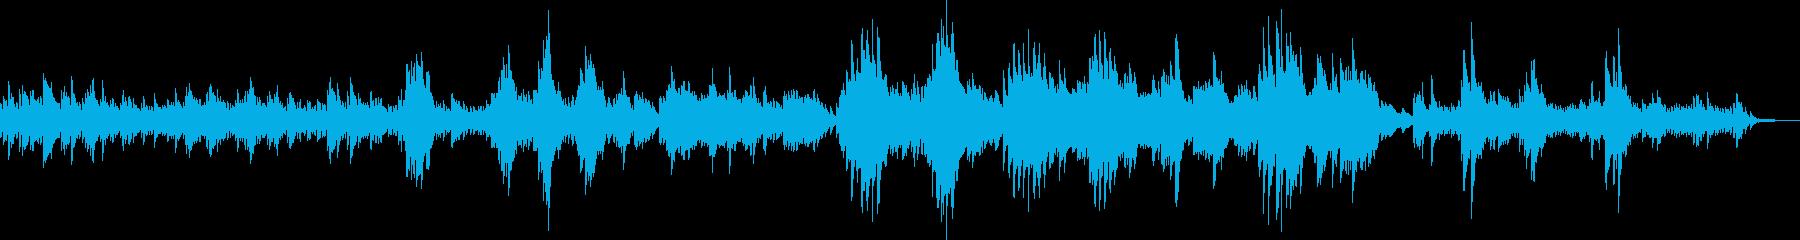 神秘的・幻想的なピアノソロ曲の再生済みの波形